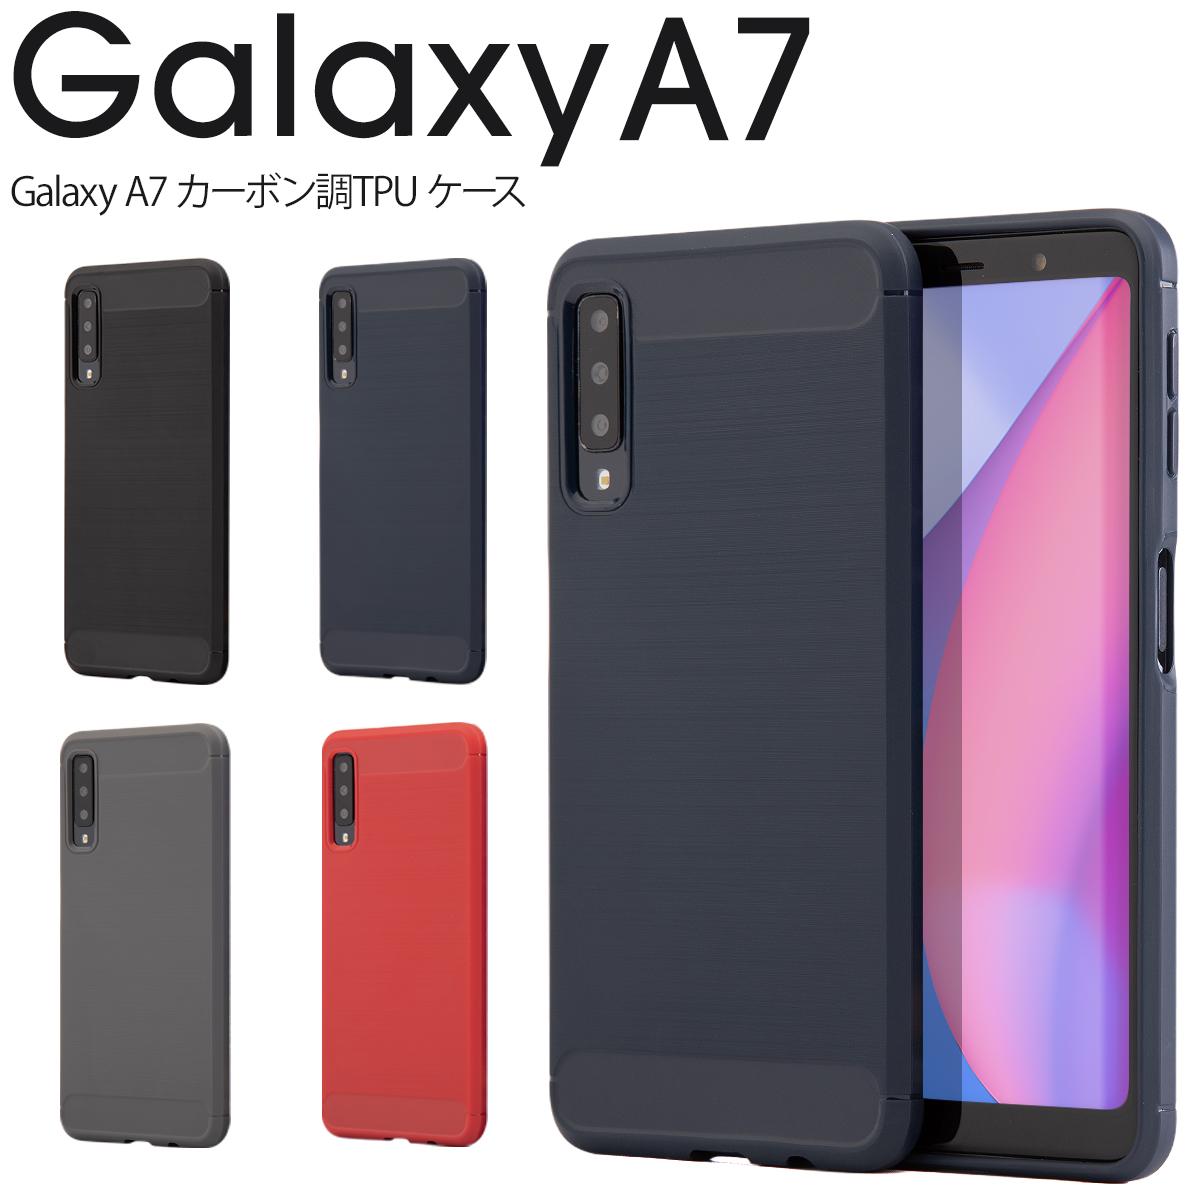 メール便送料無料 Galaxy A7 日本製 カーボン調TPUケース スマホケース 韓国 スマホカバー ギャラクシー スタイリッシュ アンドロイド 耐久 丈夫 シンプル 耐衝撃 背面カバー セール品 かっこいい